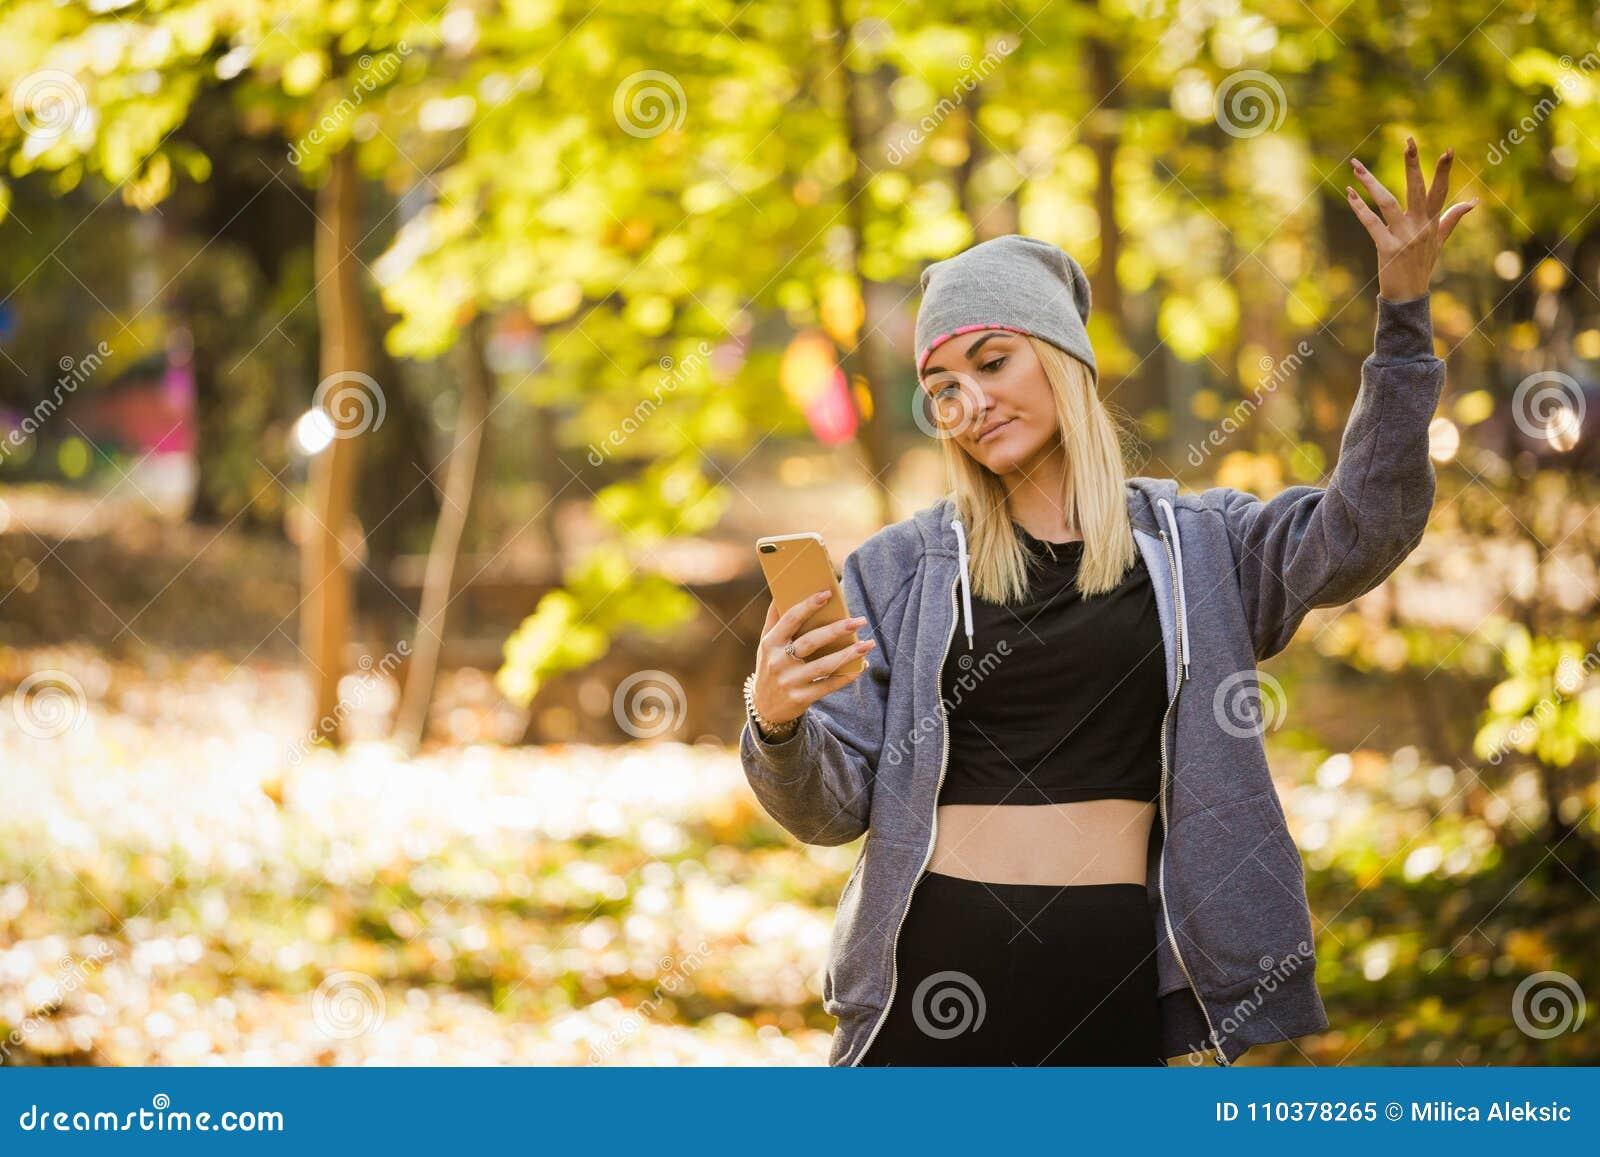 Flickan har borttappat en mobil signal i skogen och kan inte överföra meddelandet